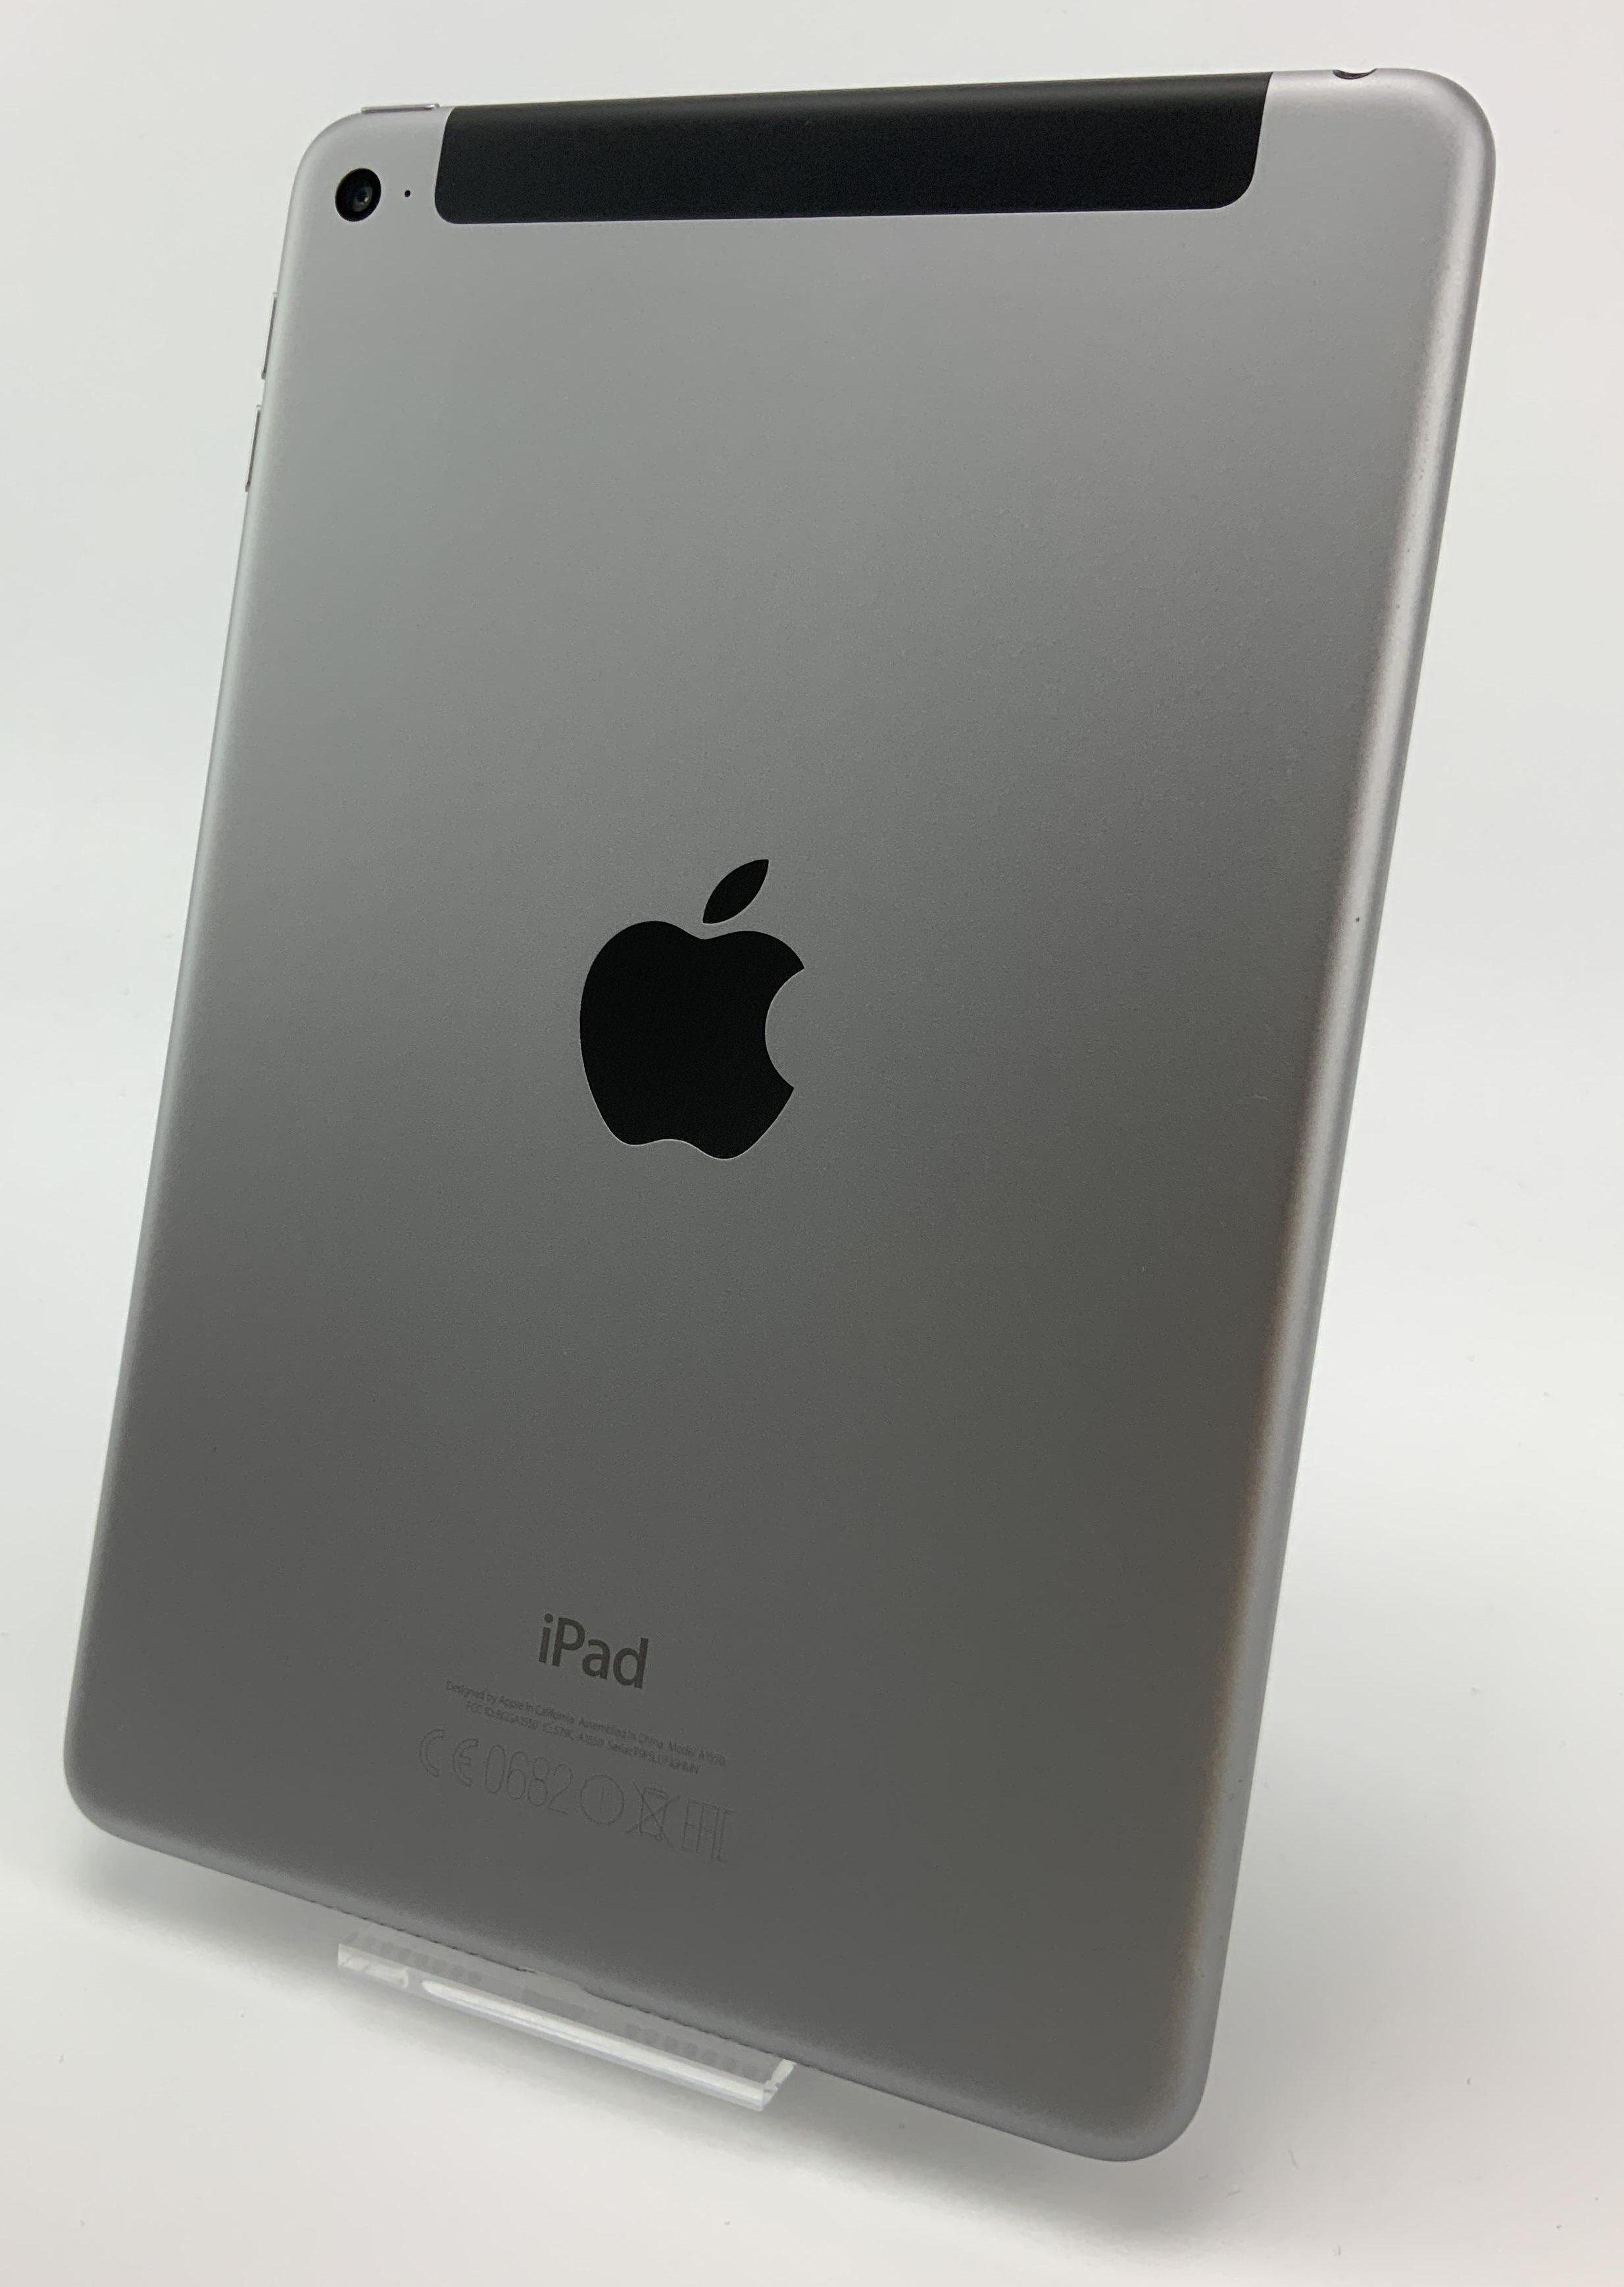 iPad mini 4 Wi-Fi + Cellular 128GB, 128GB, Space Gray, image 2